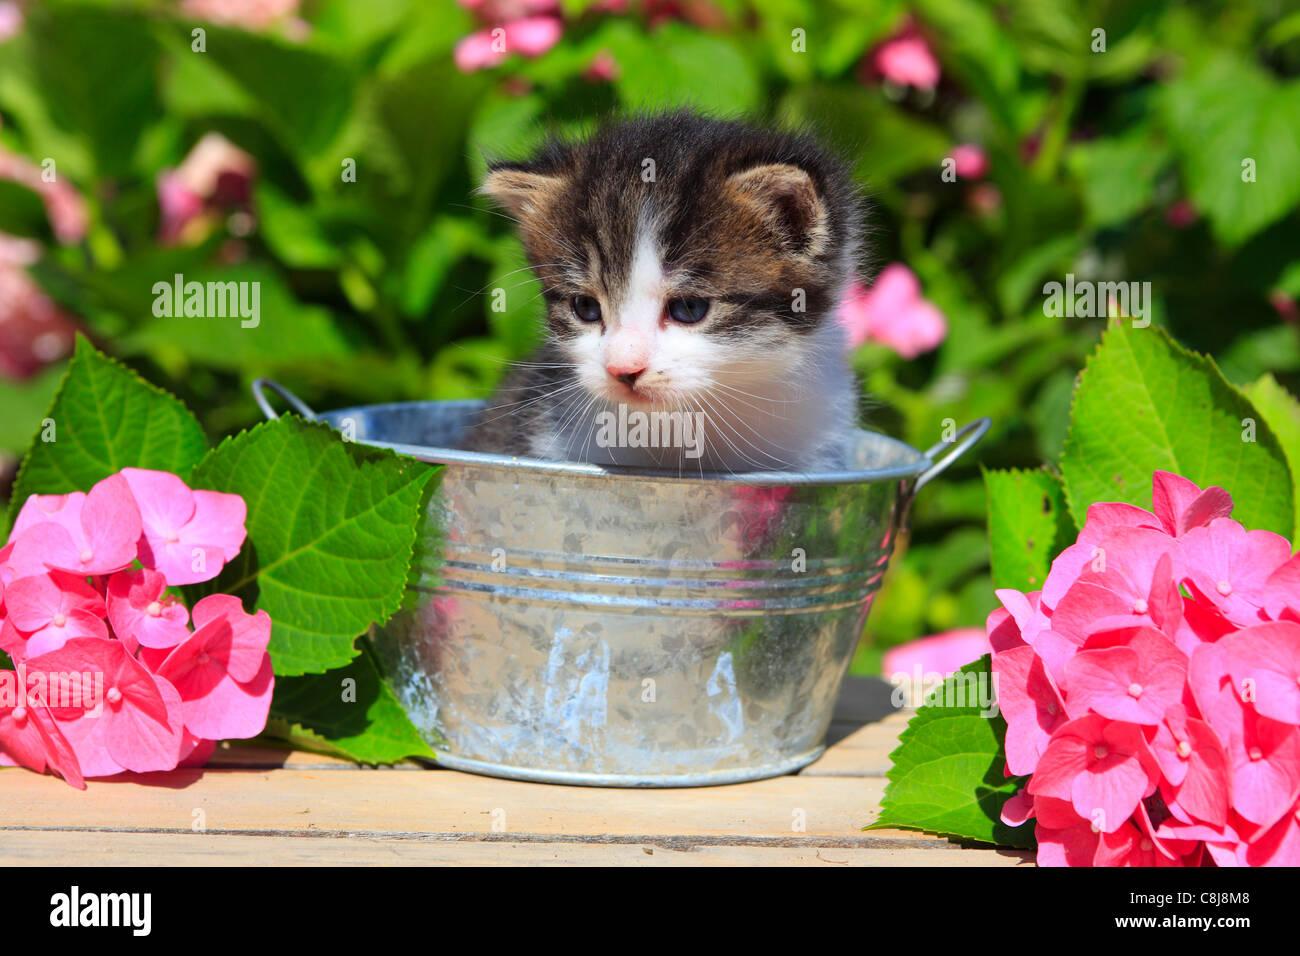 3 settimane, fiori, fiori, giardino, house, casa, animali, animale domestico, pet, giovani, gatto, brocca gattino, Immagini Stock